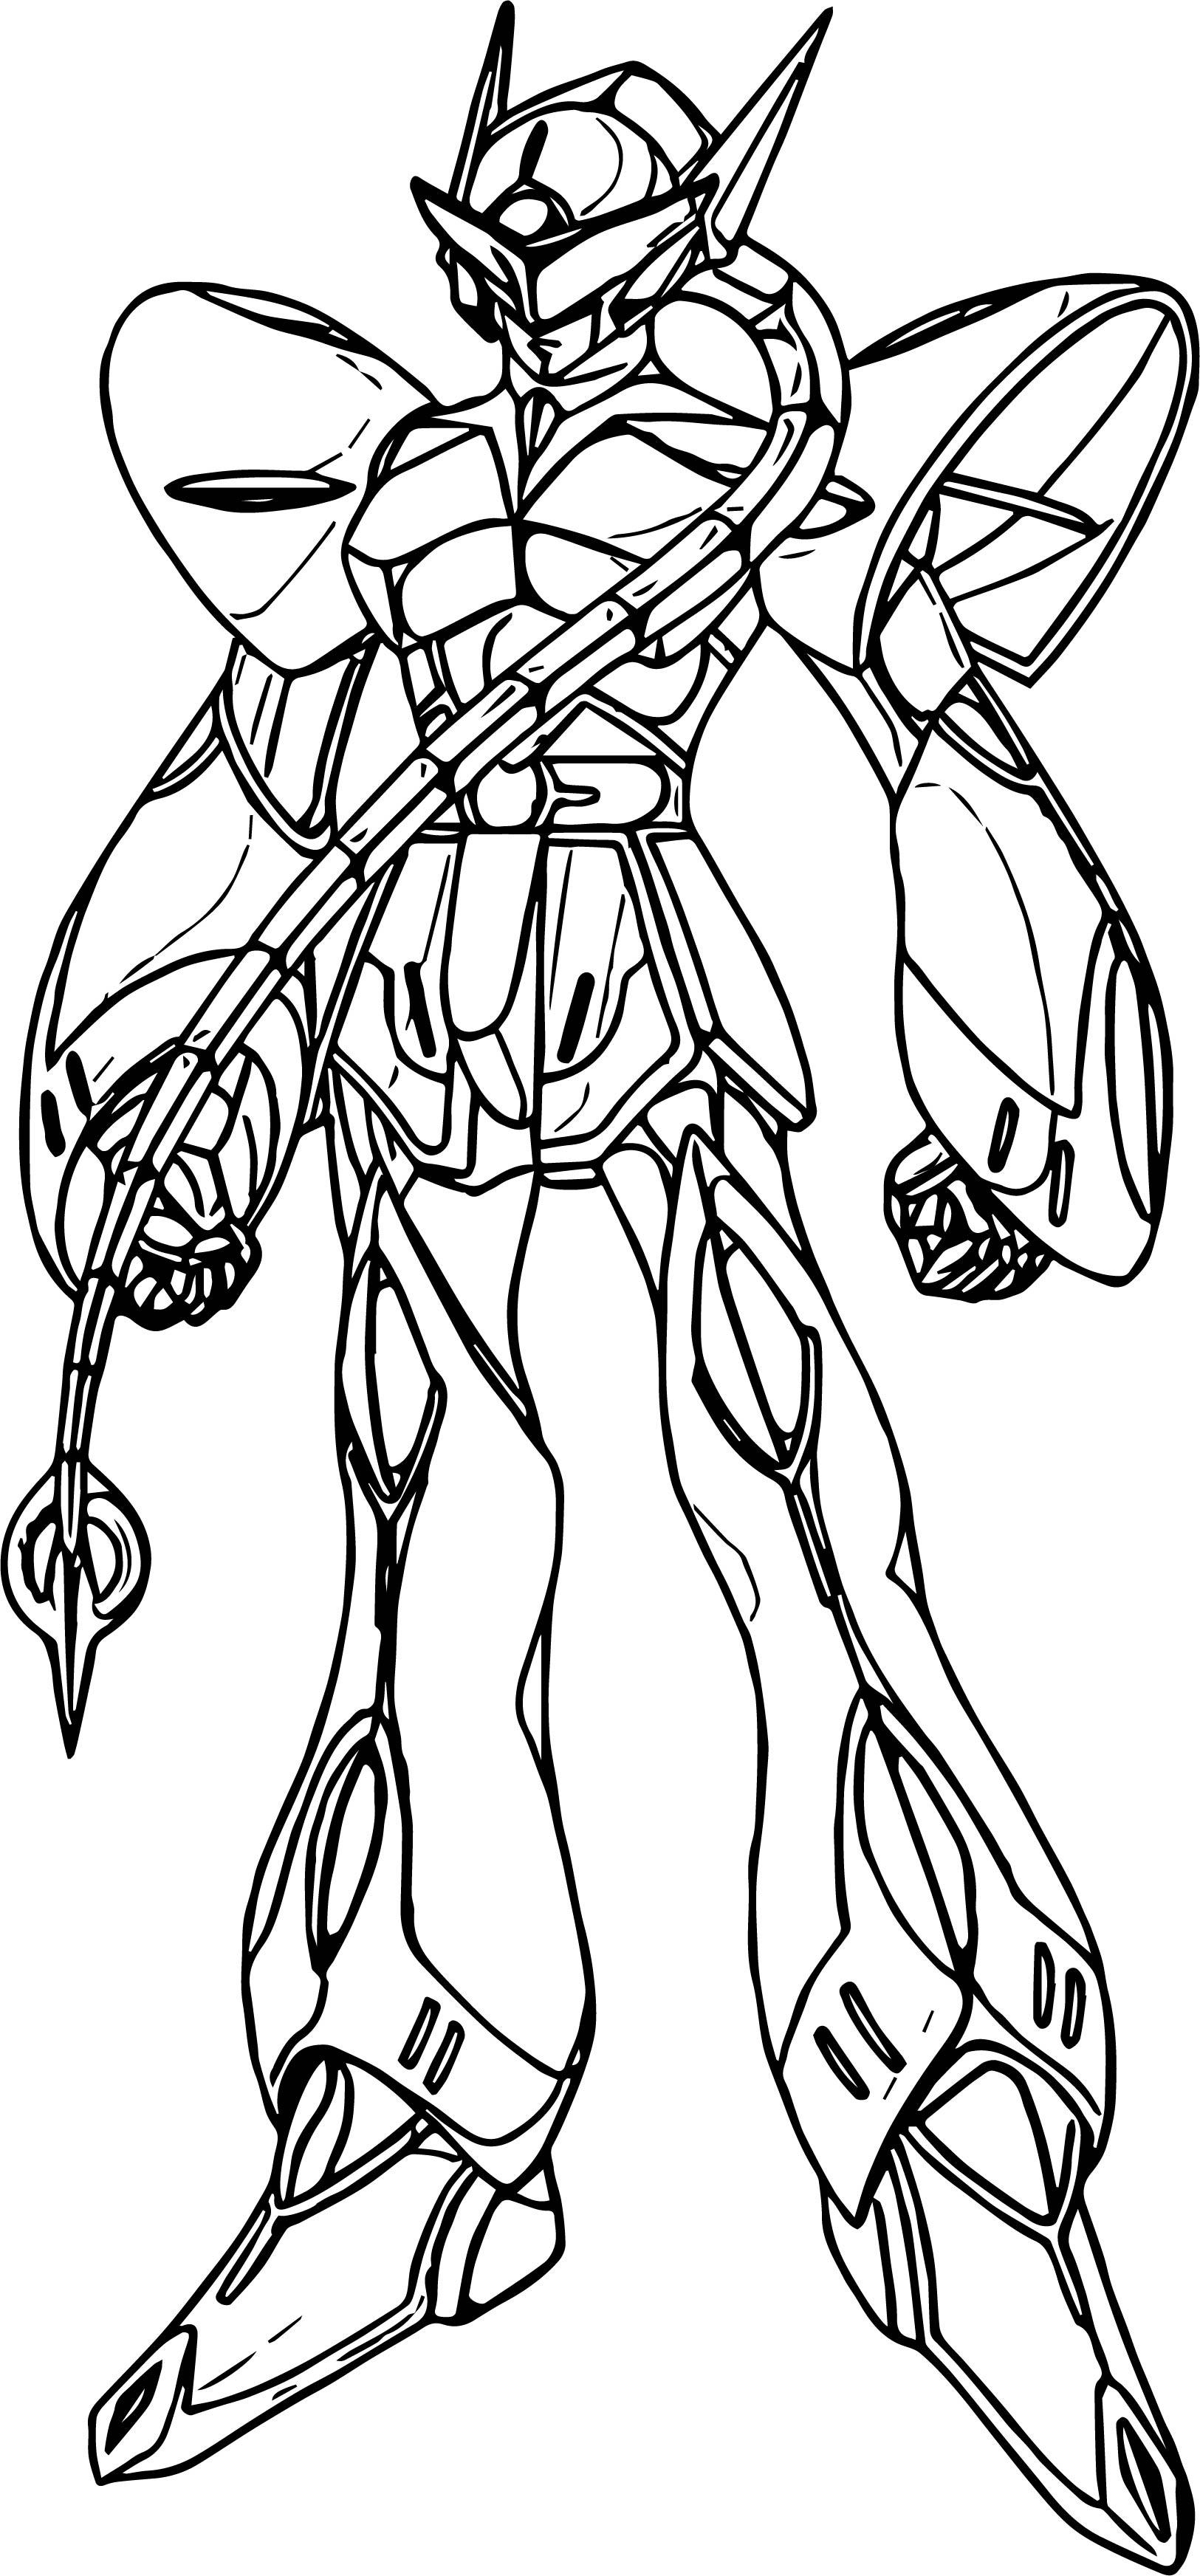 Aranaut bakugan of minami coloring page for Bakugan coloring book pages